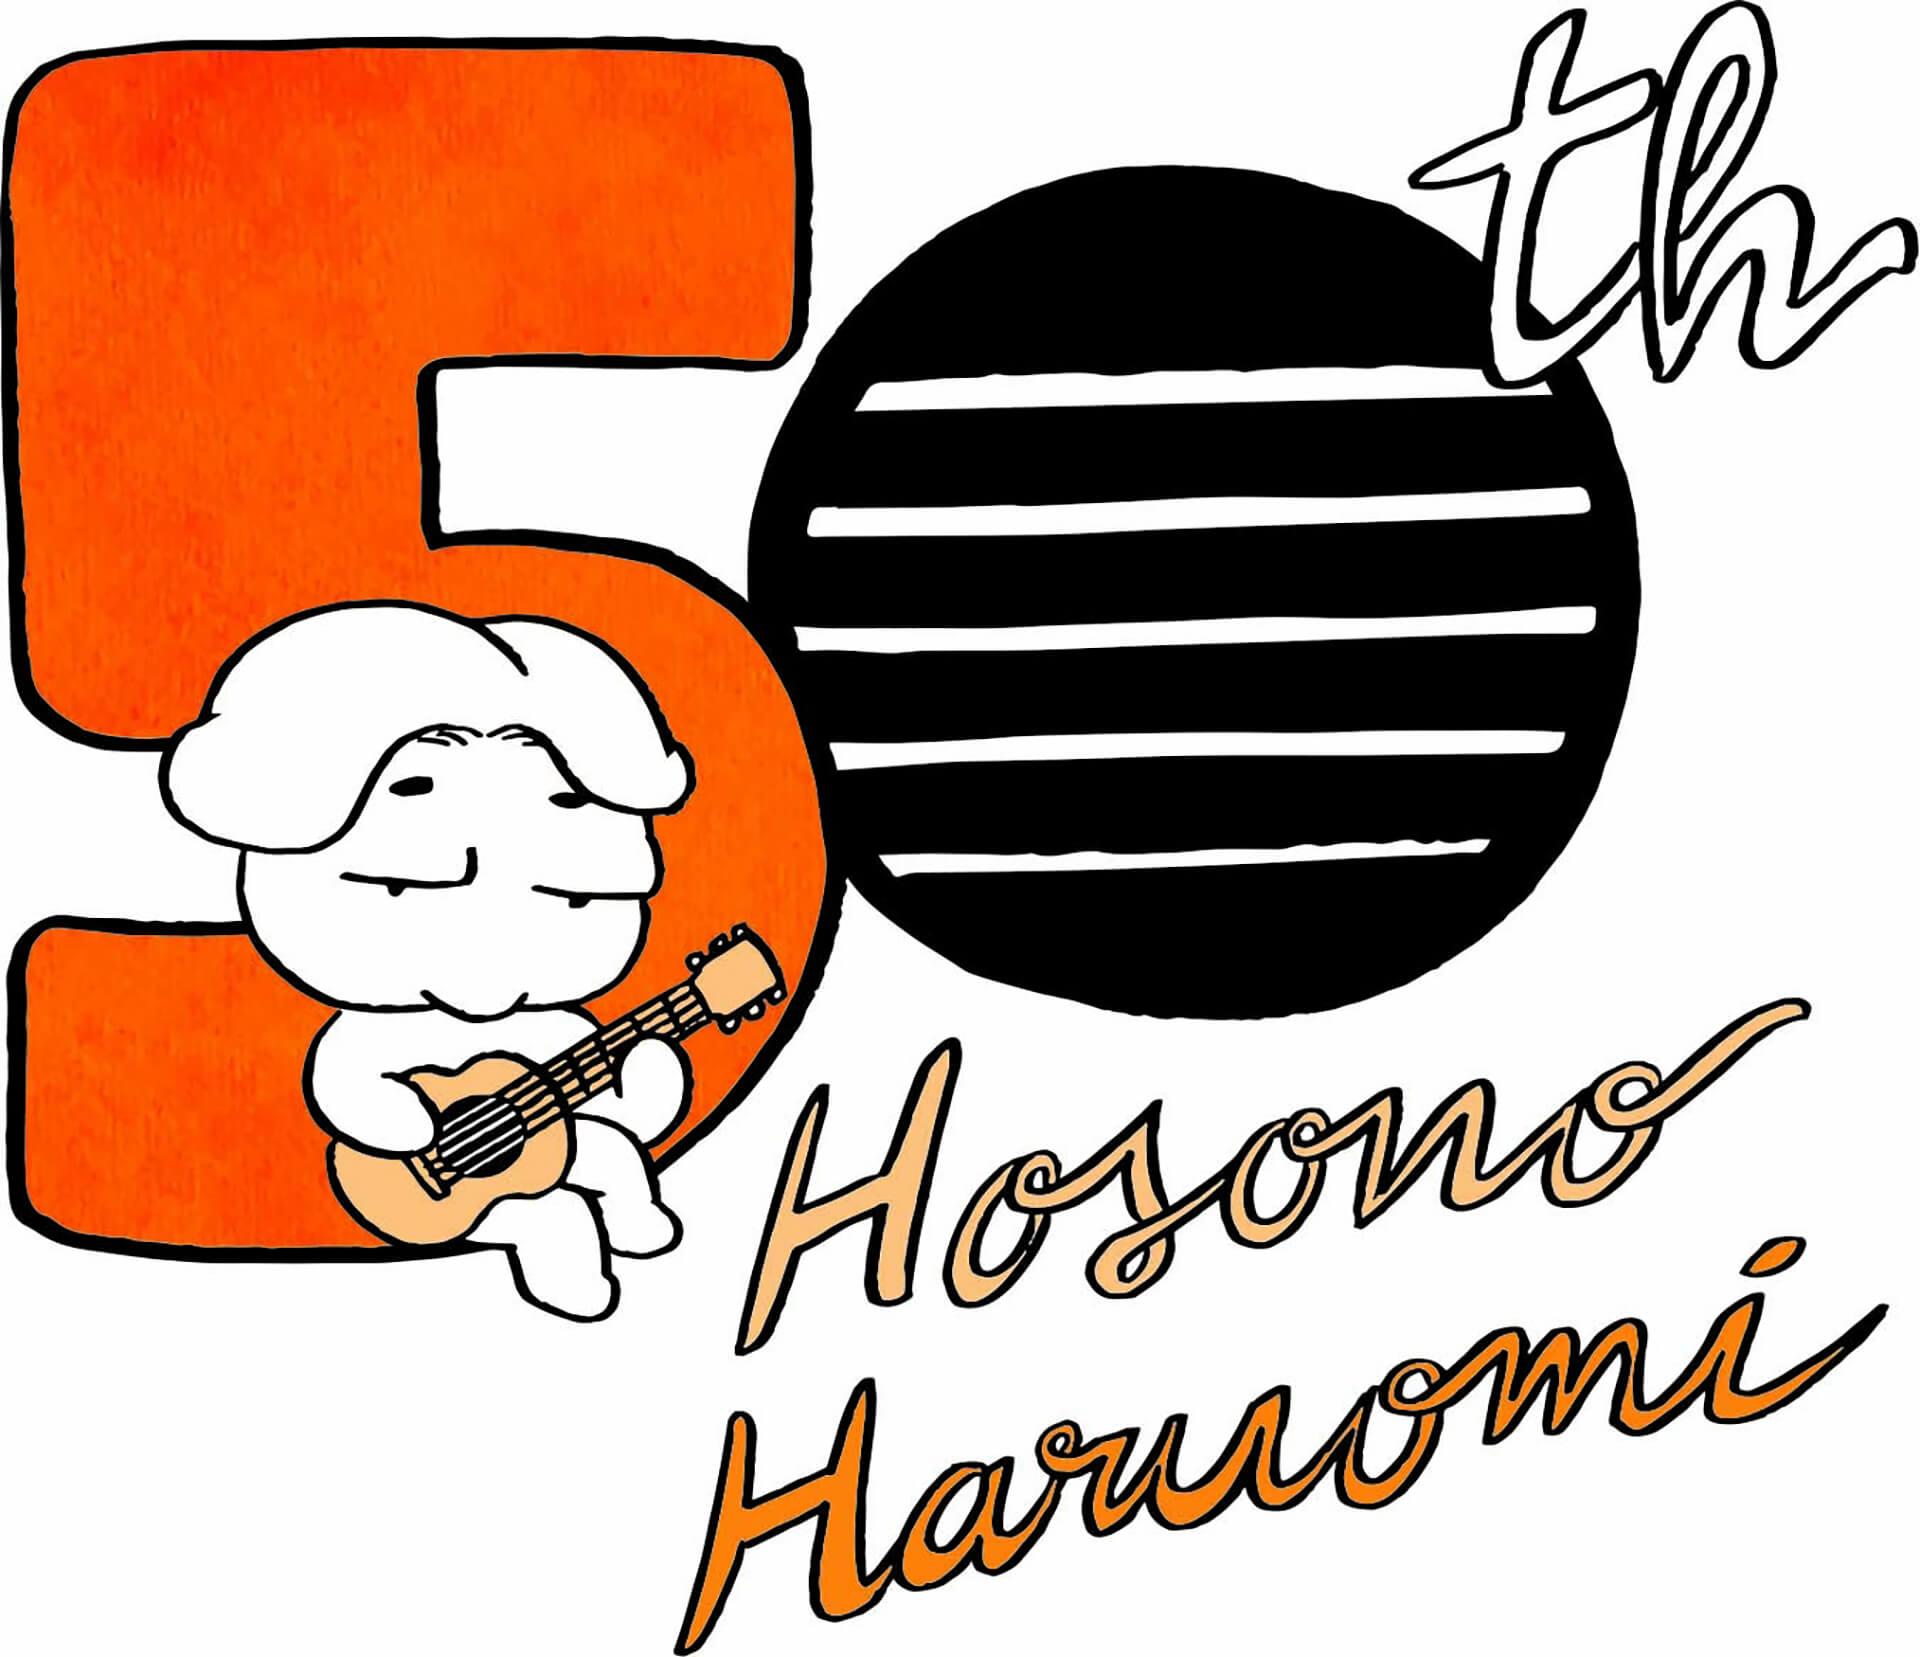 細野晴臣デビュー50周年記念のロゴ